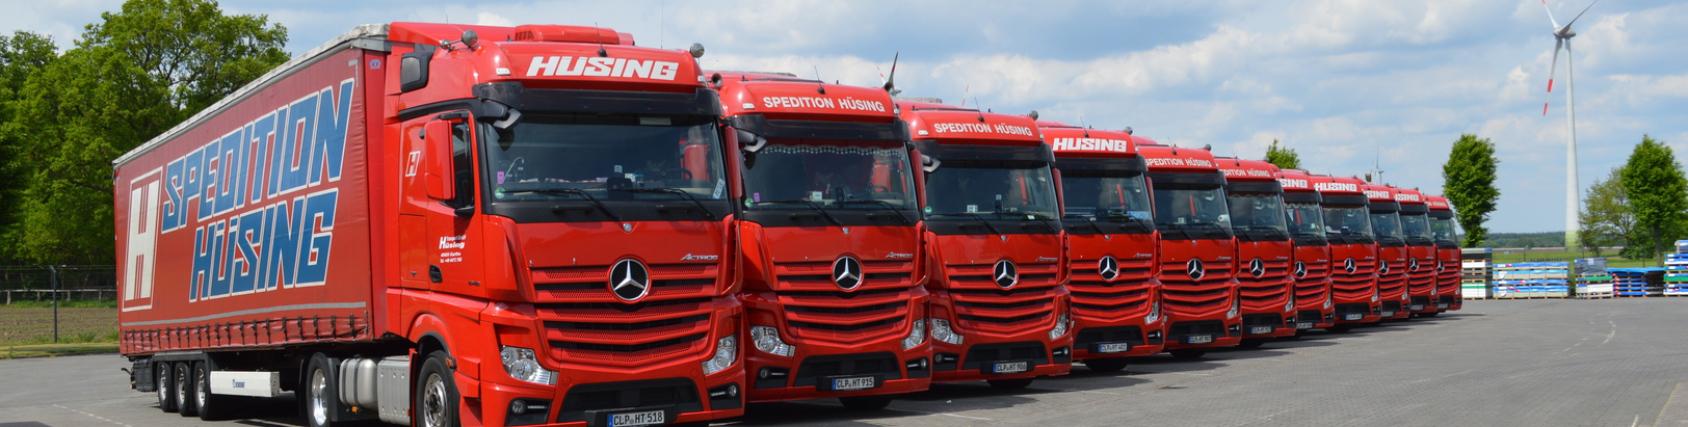 spedition hüsing logistik für frankreich und italien